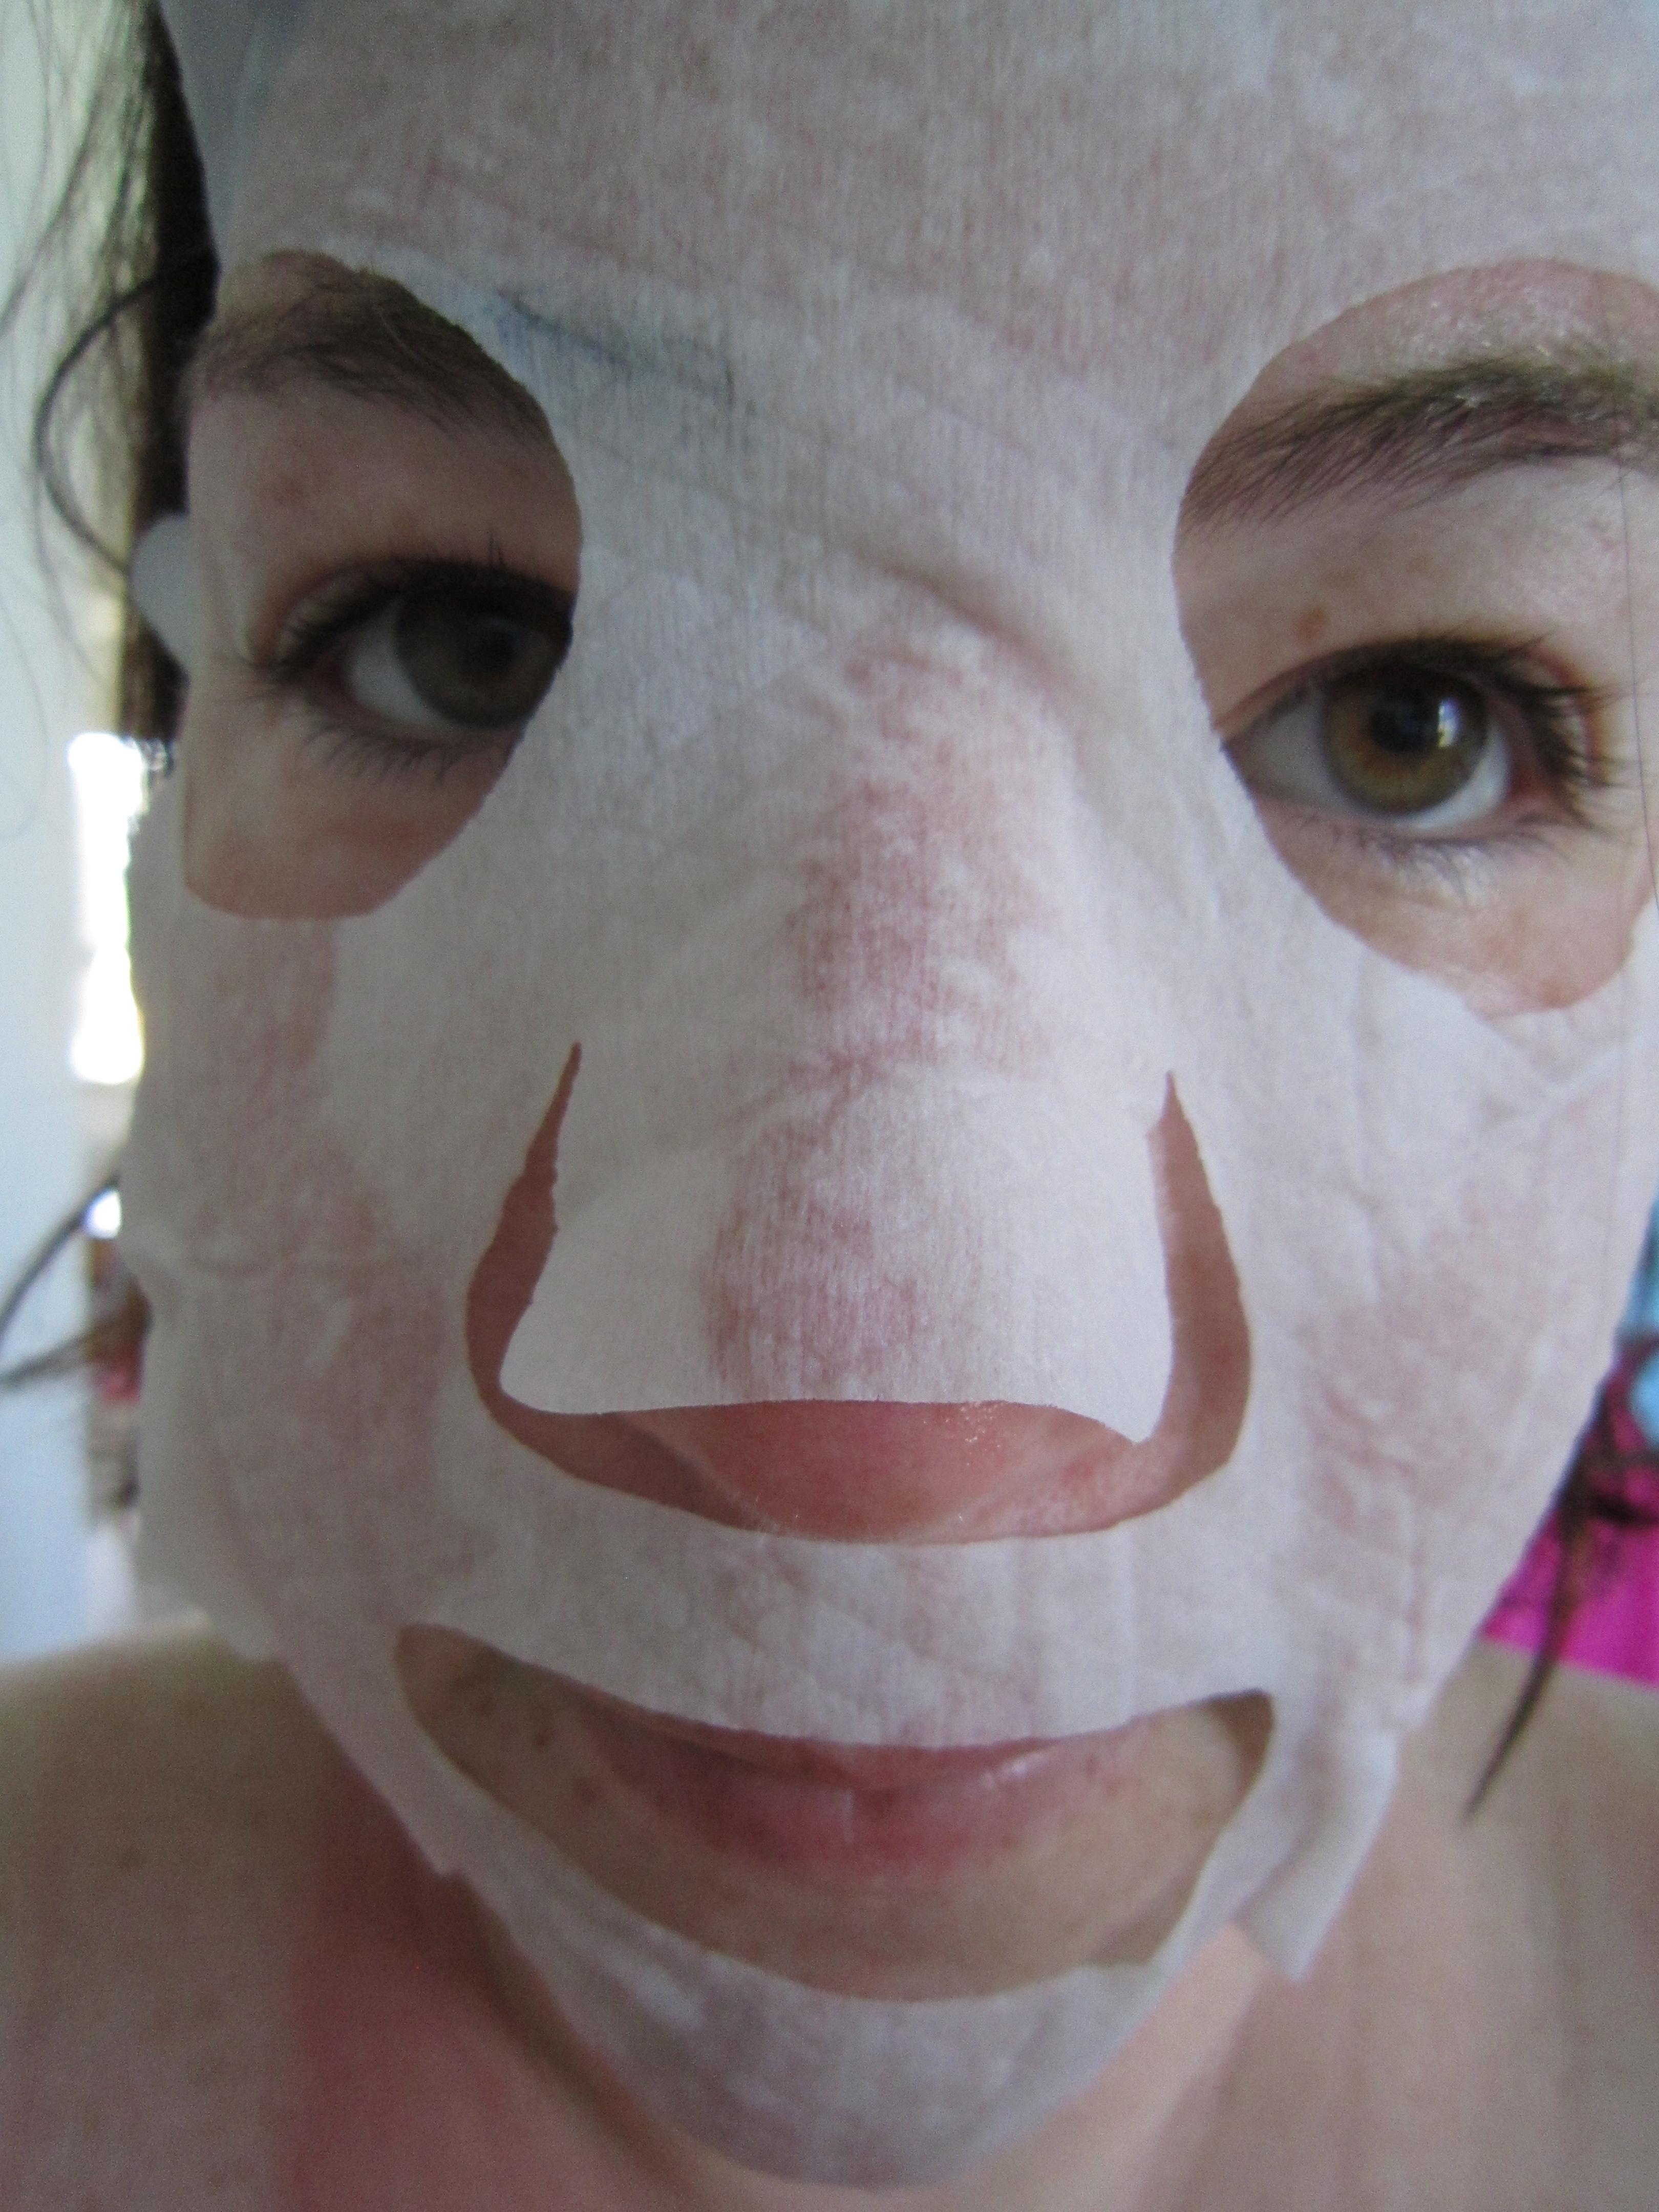 masque anti ge l acide hyaluronique de planter s dans le placard de dame renard. Black Bedroom Furniture Sets. Home Design Ideas